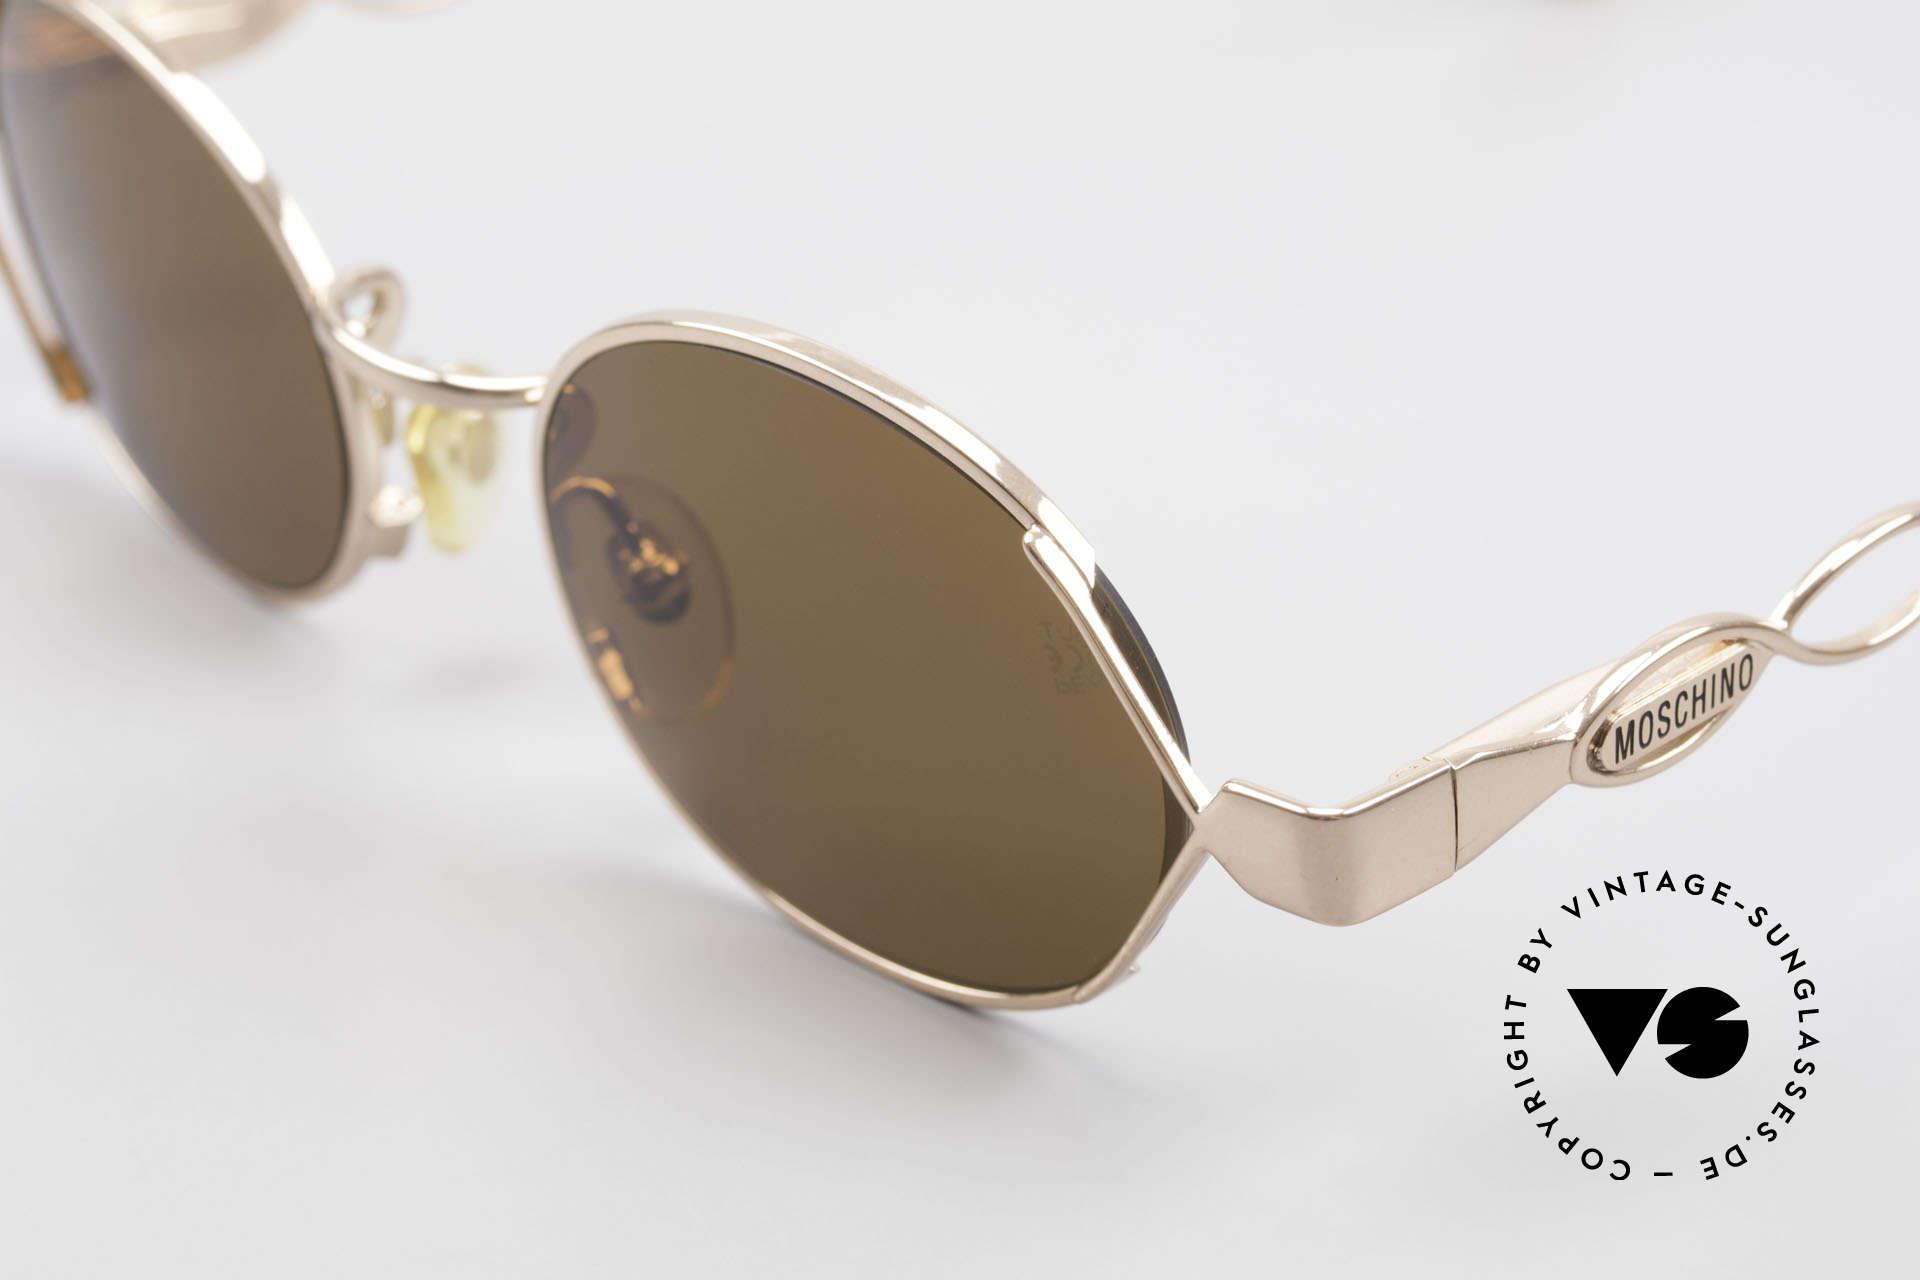 Moschino MM344 Designer Damen Sonnenbrille, daher 1A-Qualität: Federgelenke & Kupferlegierung, Passend für Damen